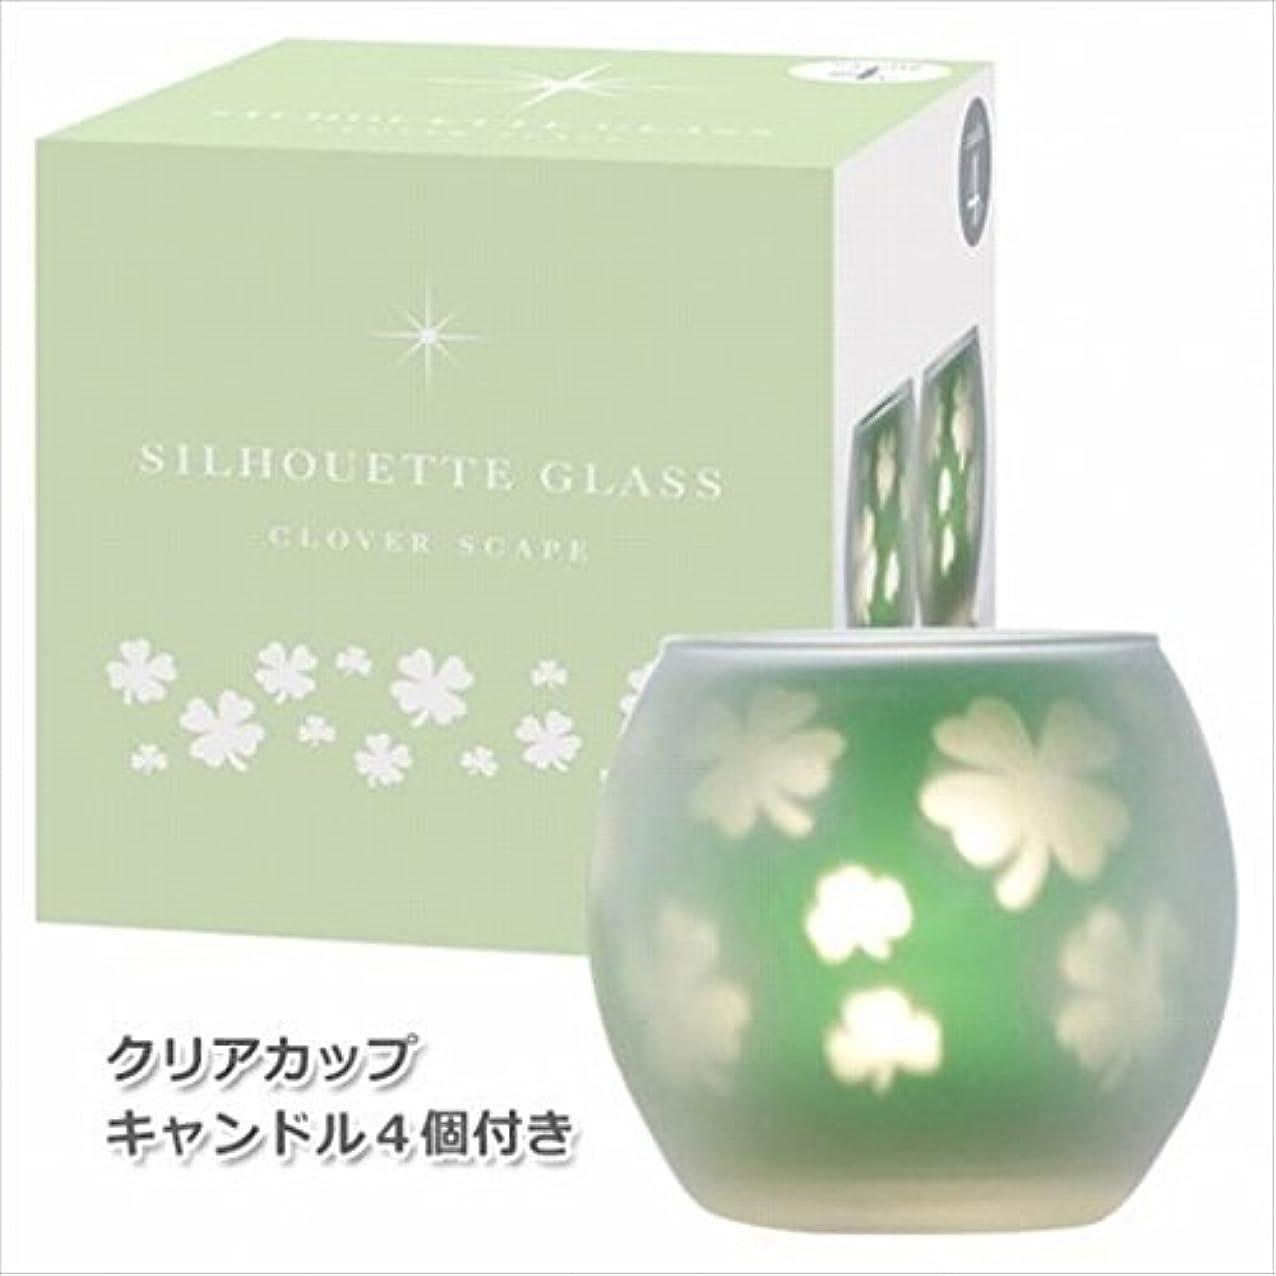 上へ狭い遅滞カメヤマキャンドル(kameyama candle) クローバースケープ2【キャンドル4個付き】 シルエットグラス